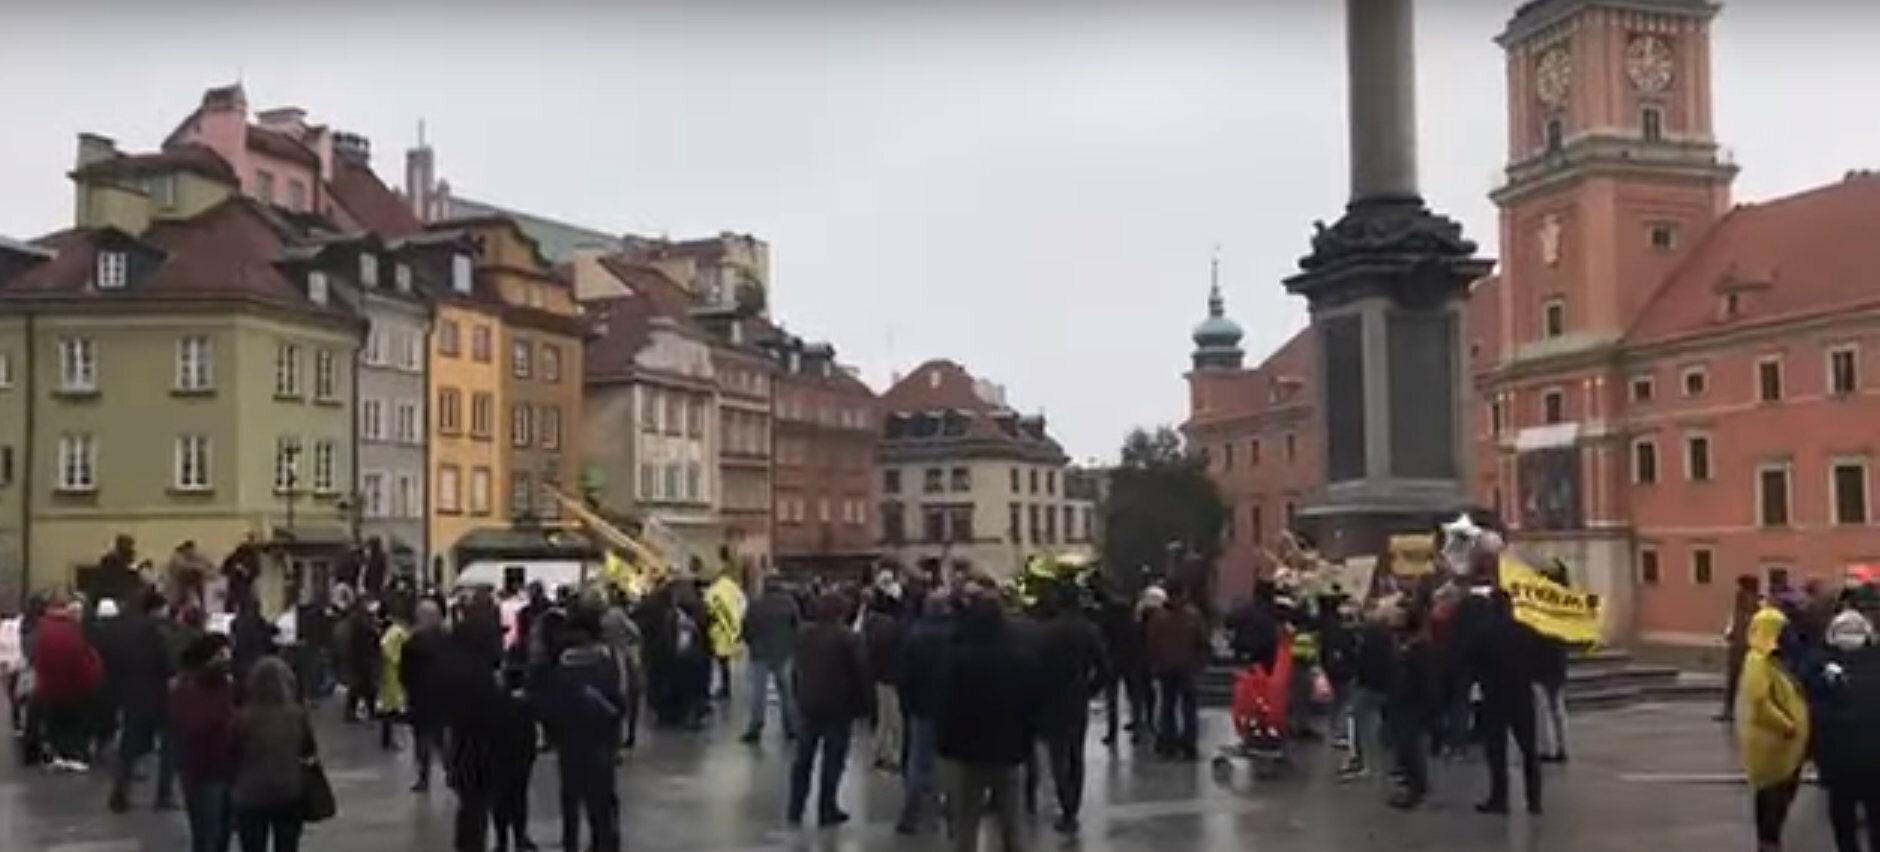 Protest na pl. Zamkowym w Warszawie